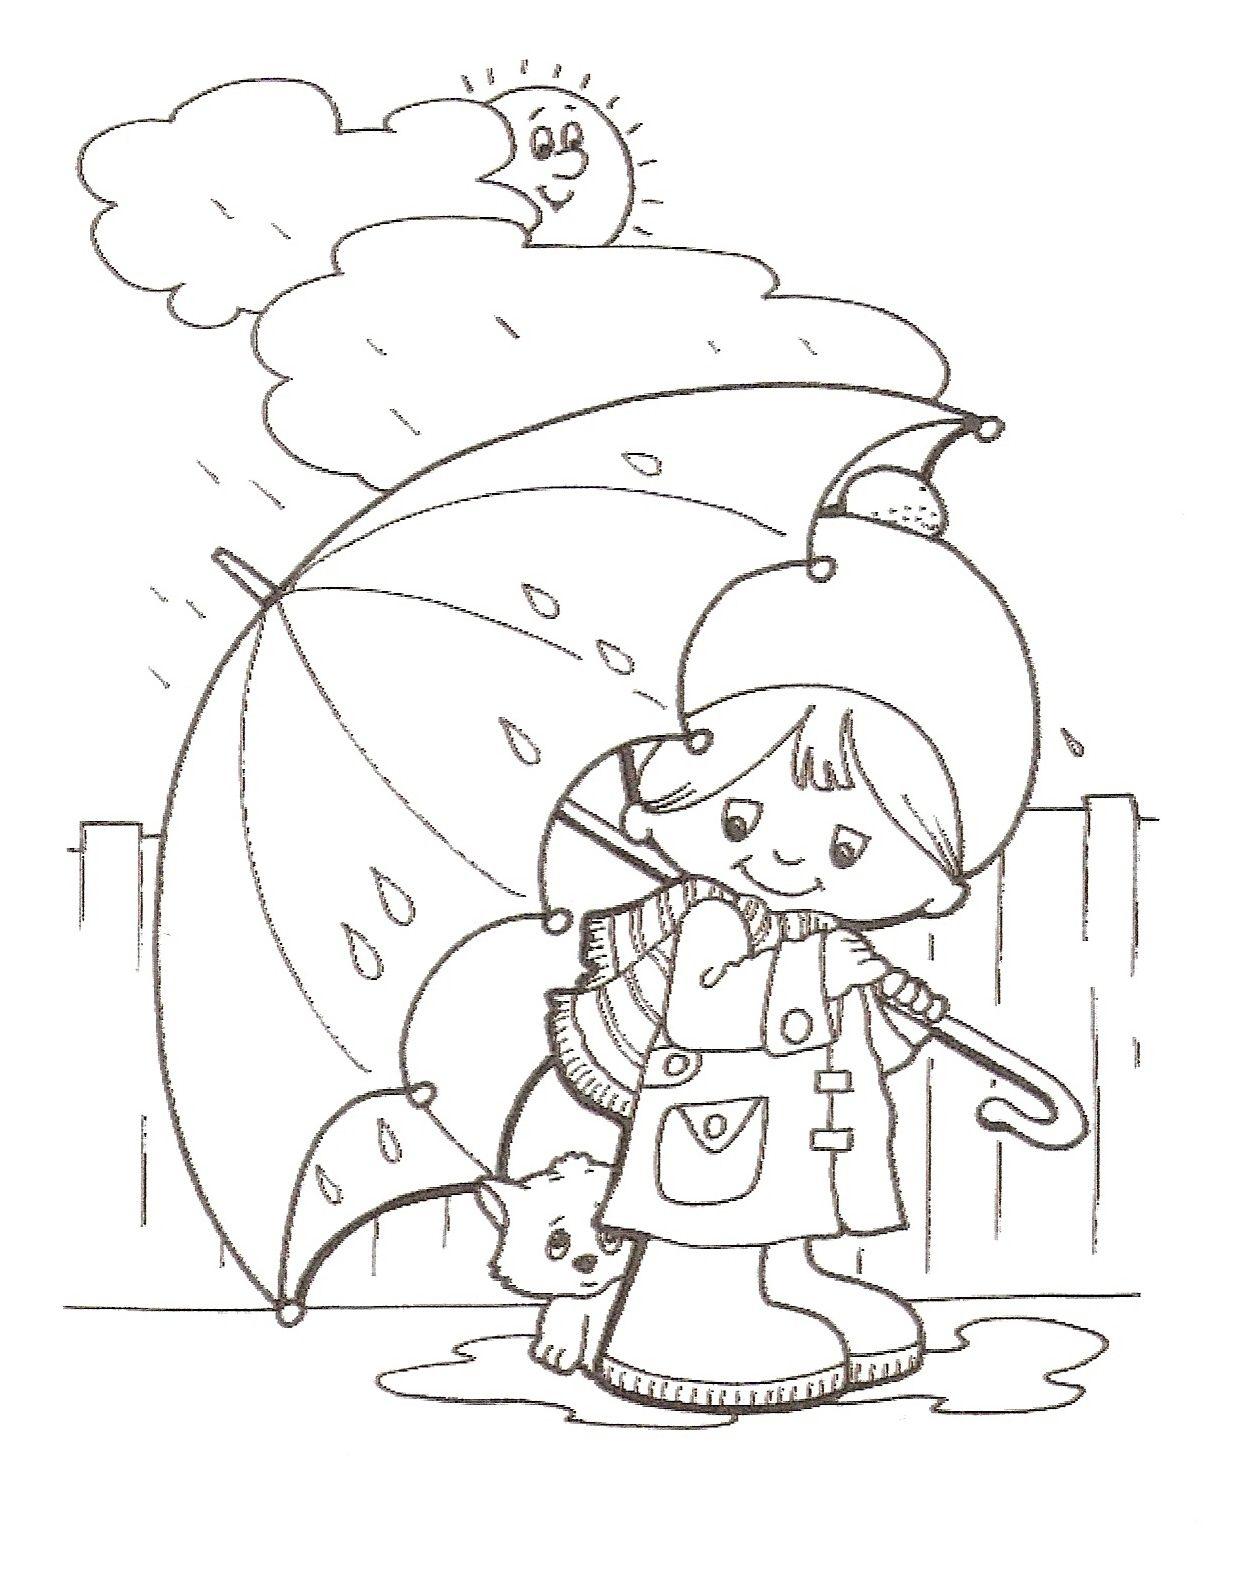 Es Regnet Malvorlagen Fruhling Ausmalbilder Malbuch Vorlagen